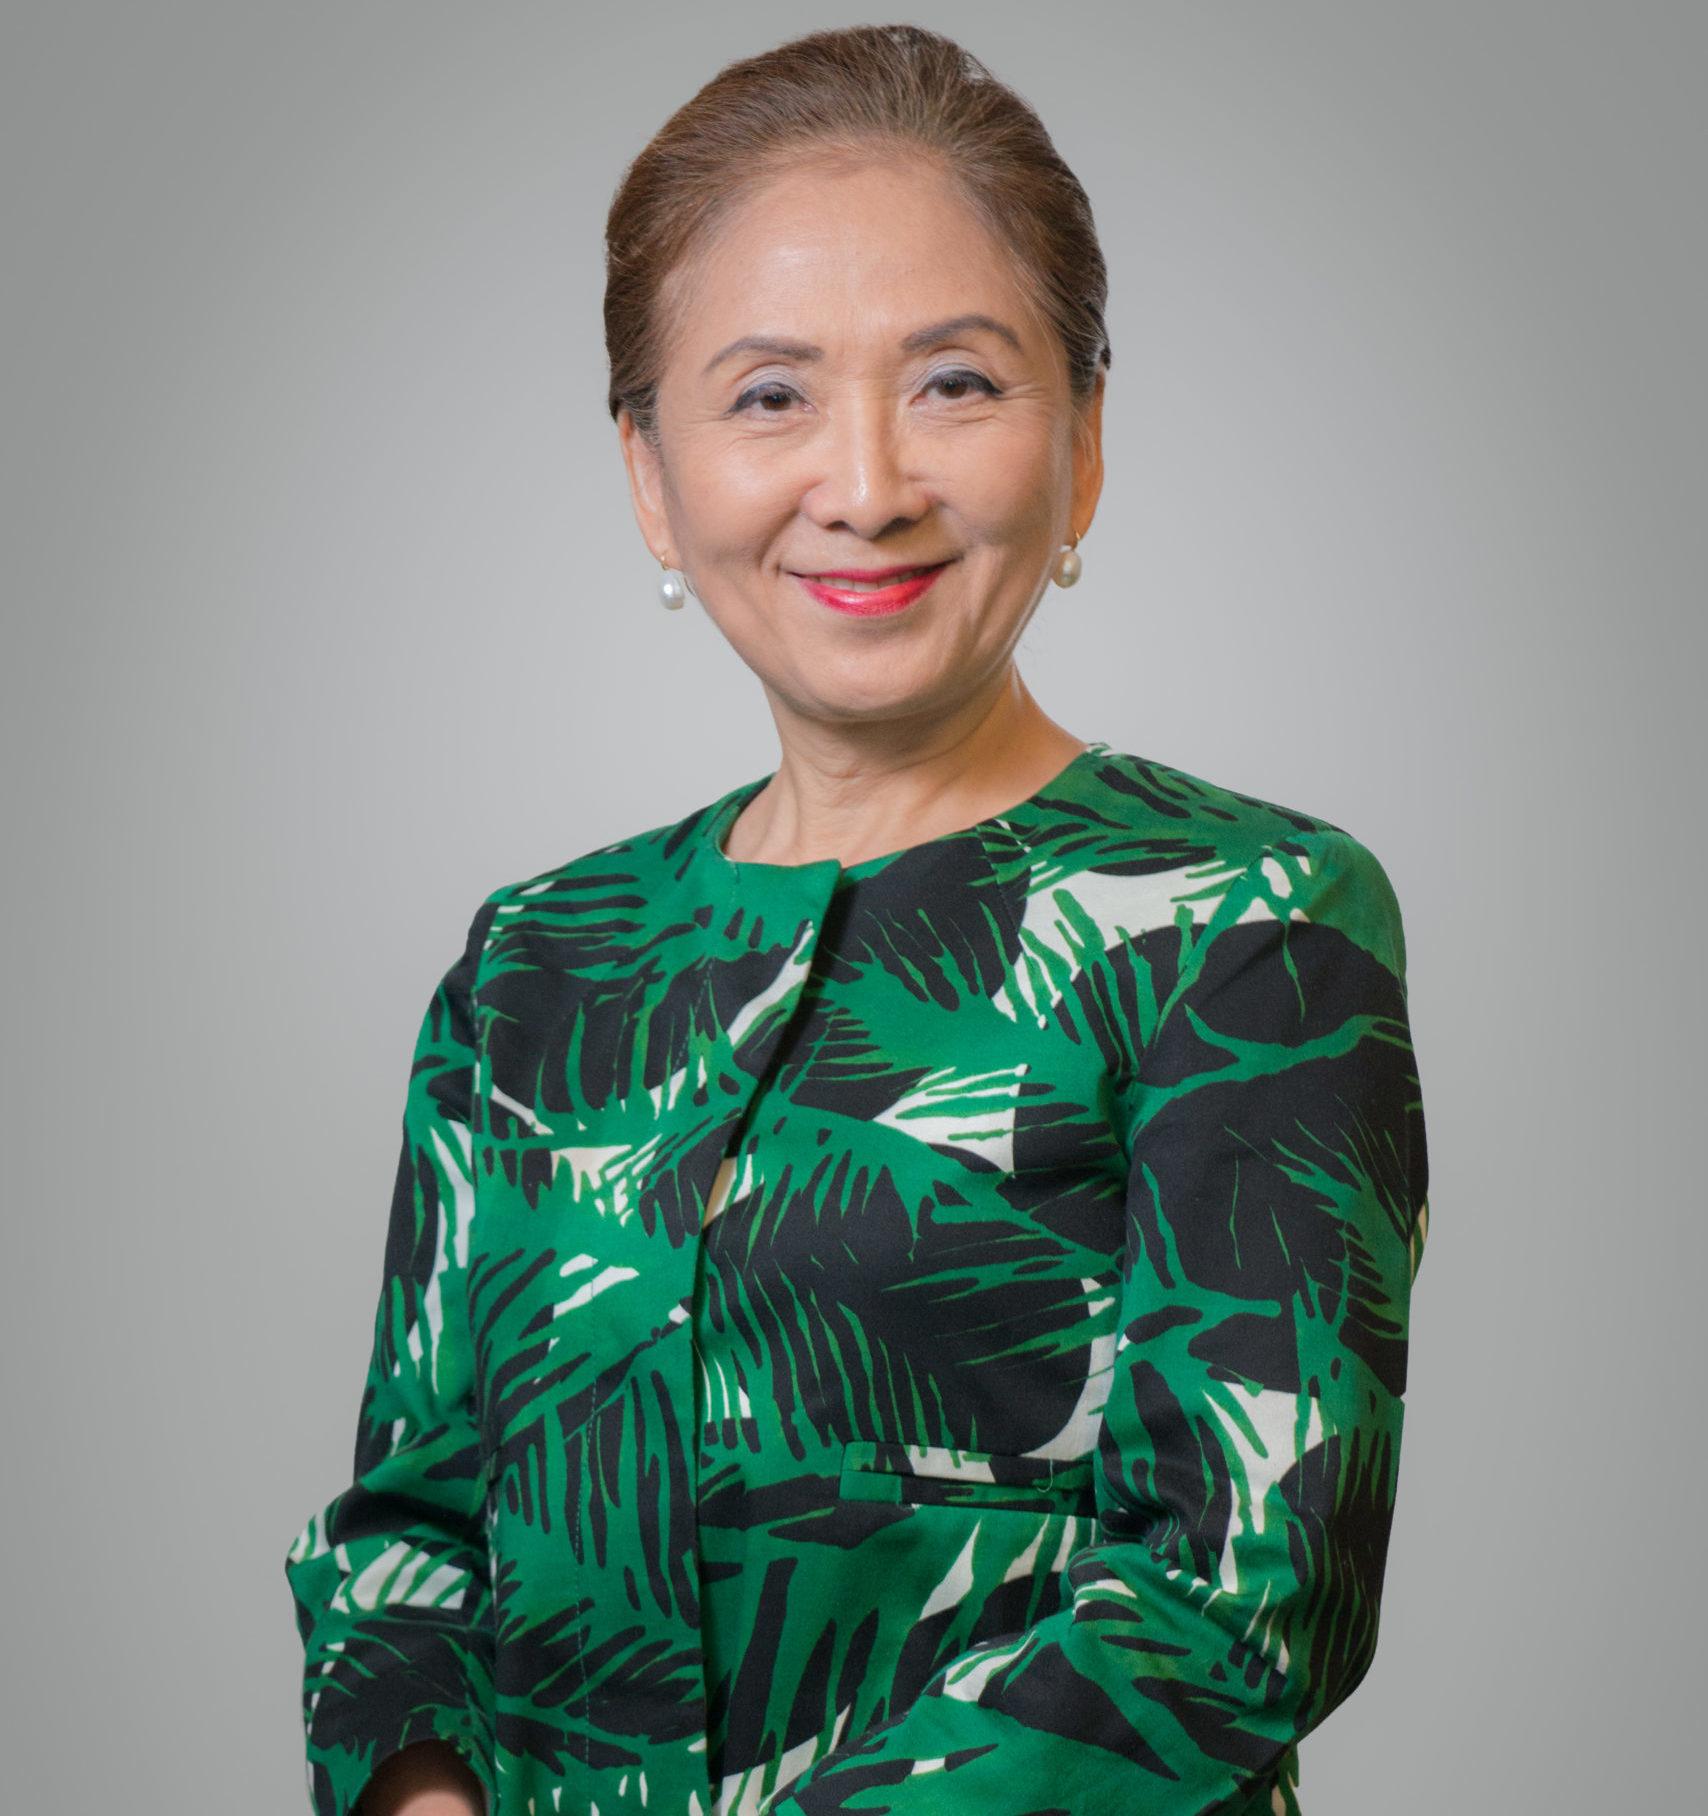 Chieko Aoki, dama da hotelaria, fundadora e presidente do Blue Tree Hotels.